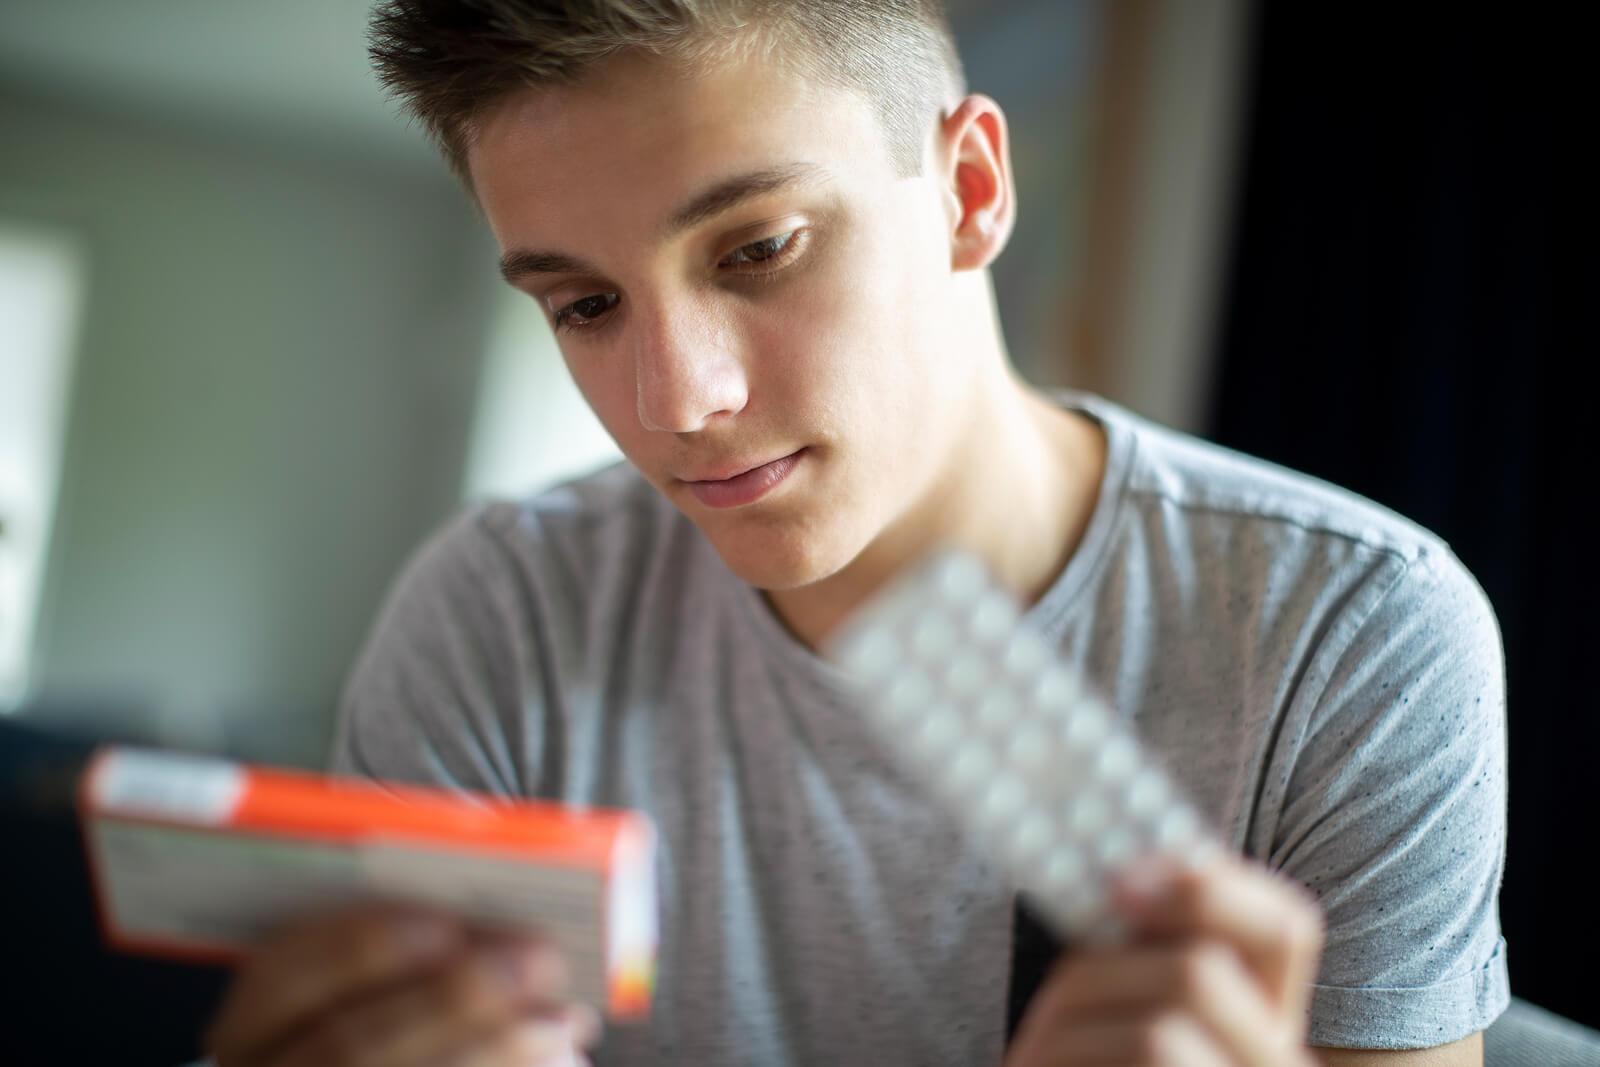 Chico mirando unas pastillas con pensamientos suicidas.